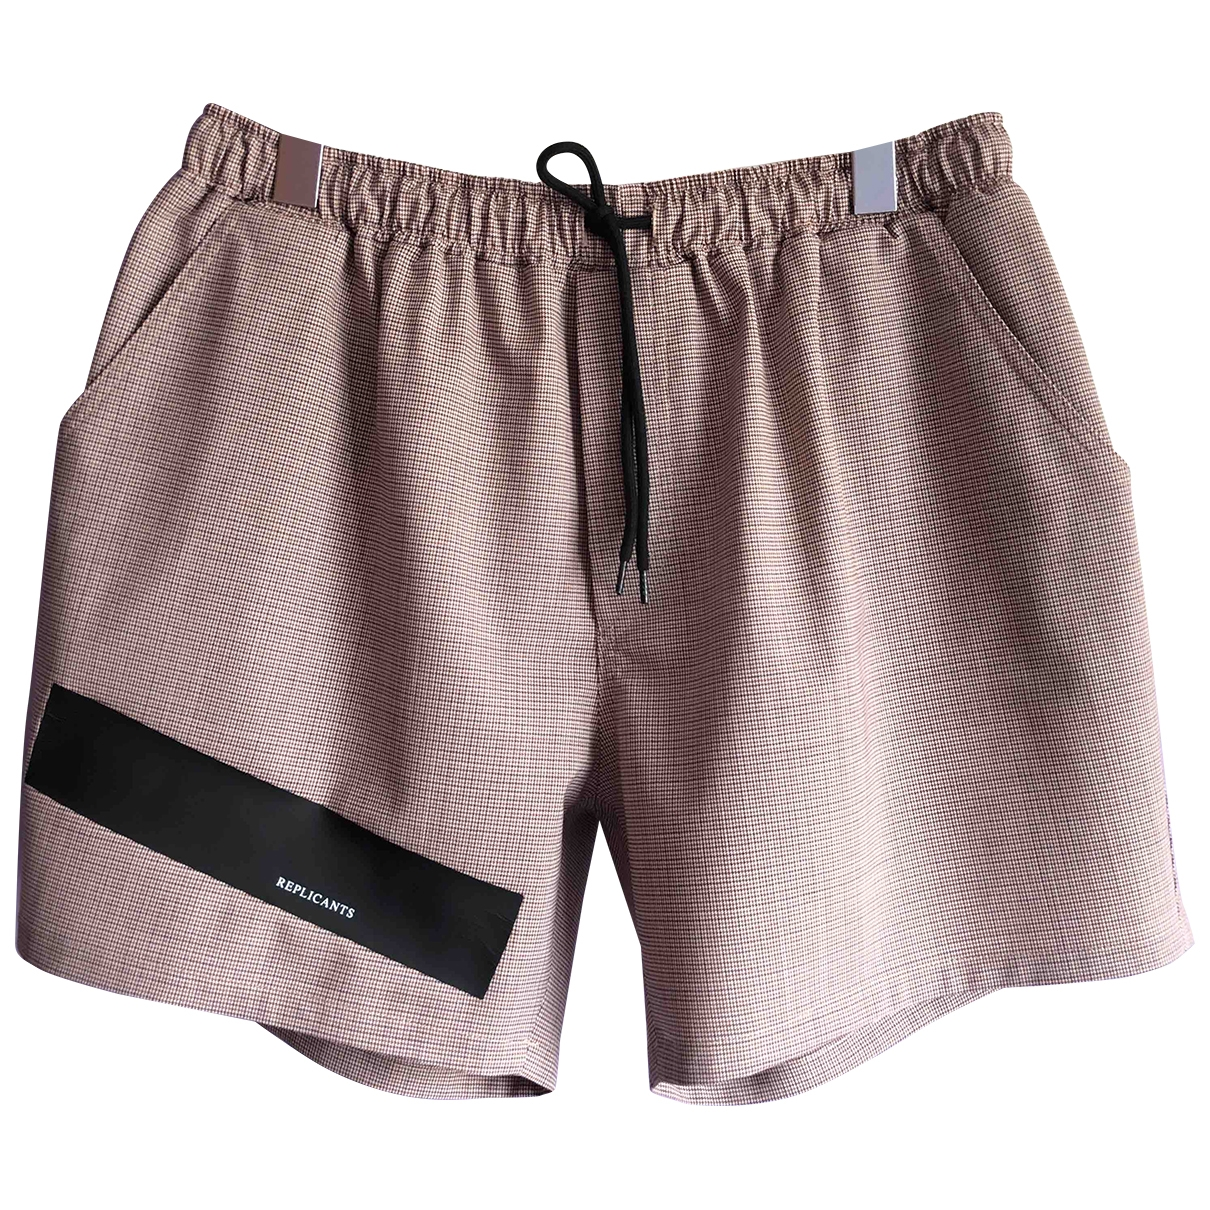 Pantalon corto Raf Simons